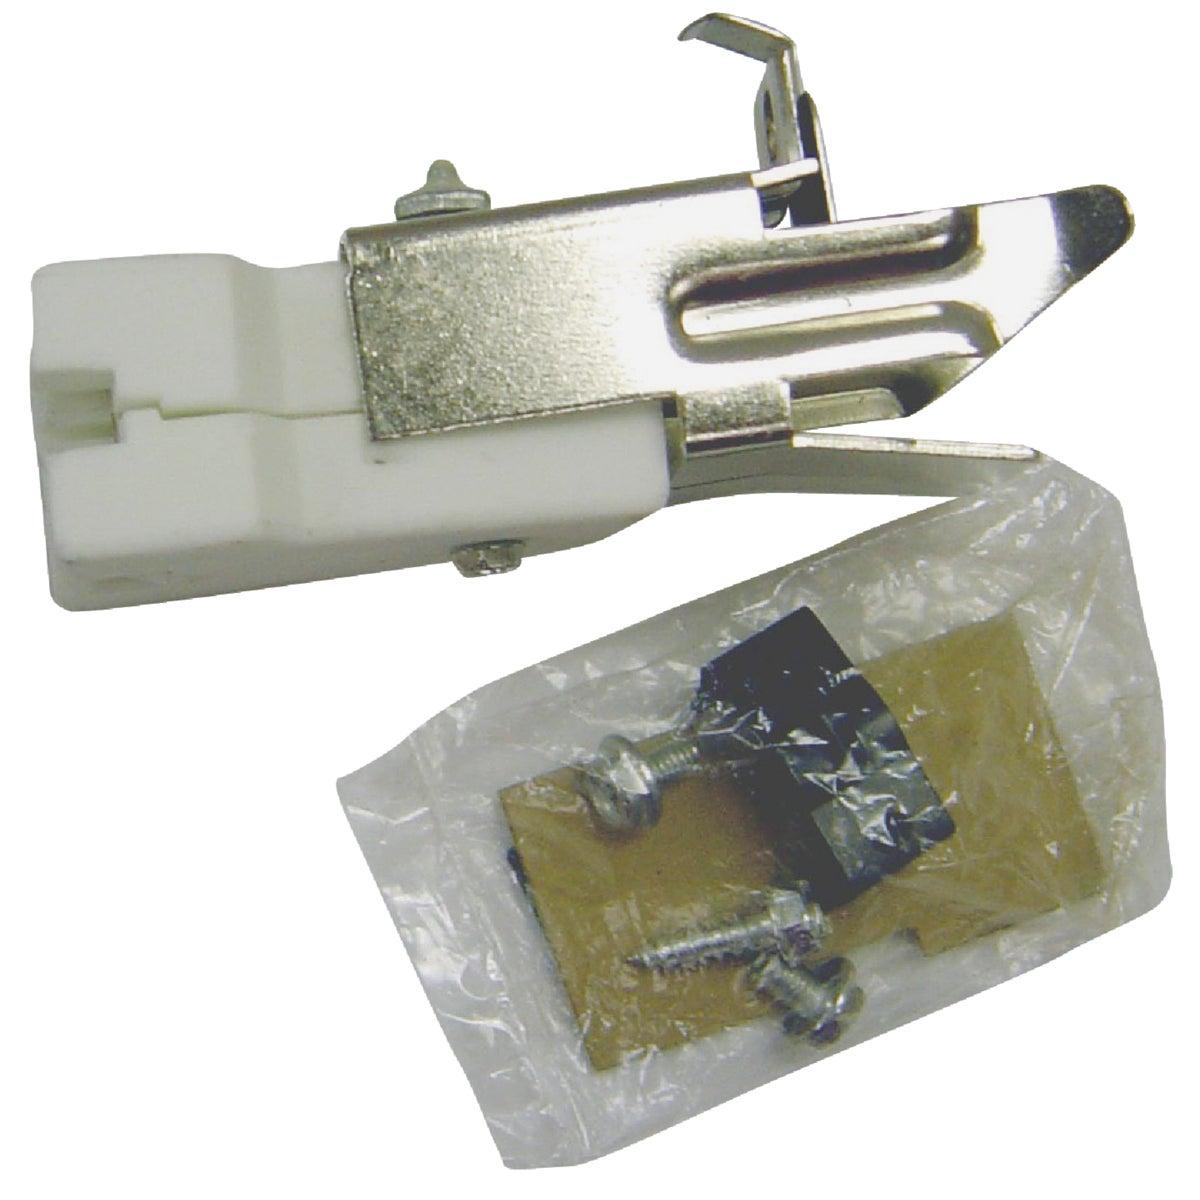 Range Kleen TERMINAL BLOCK KIT 7101